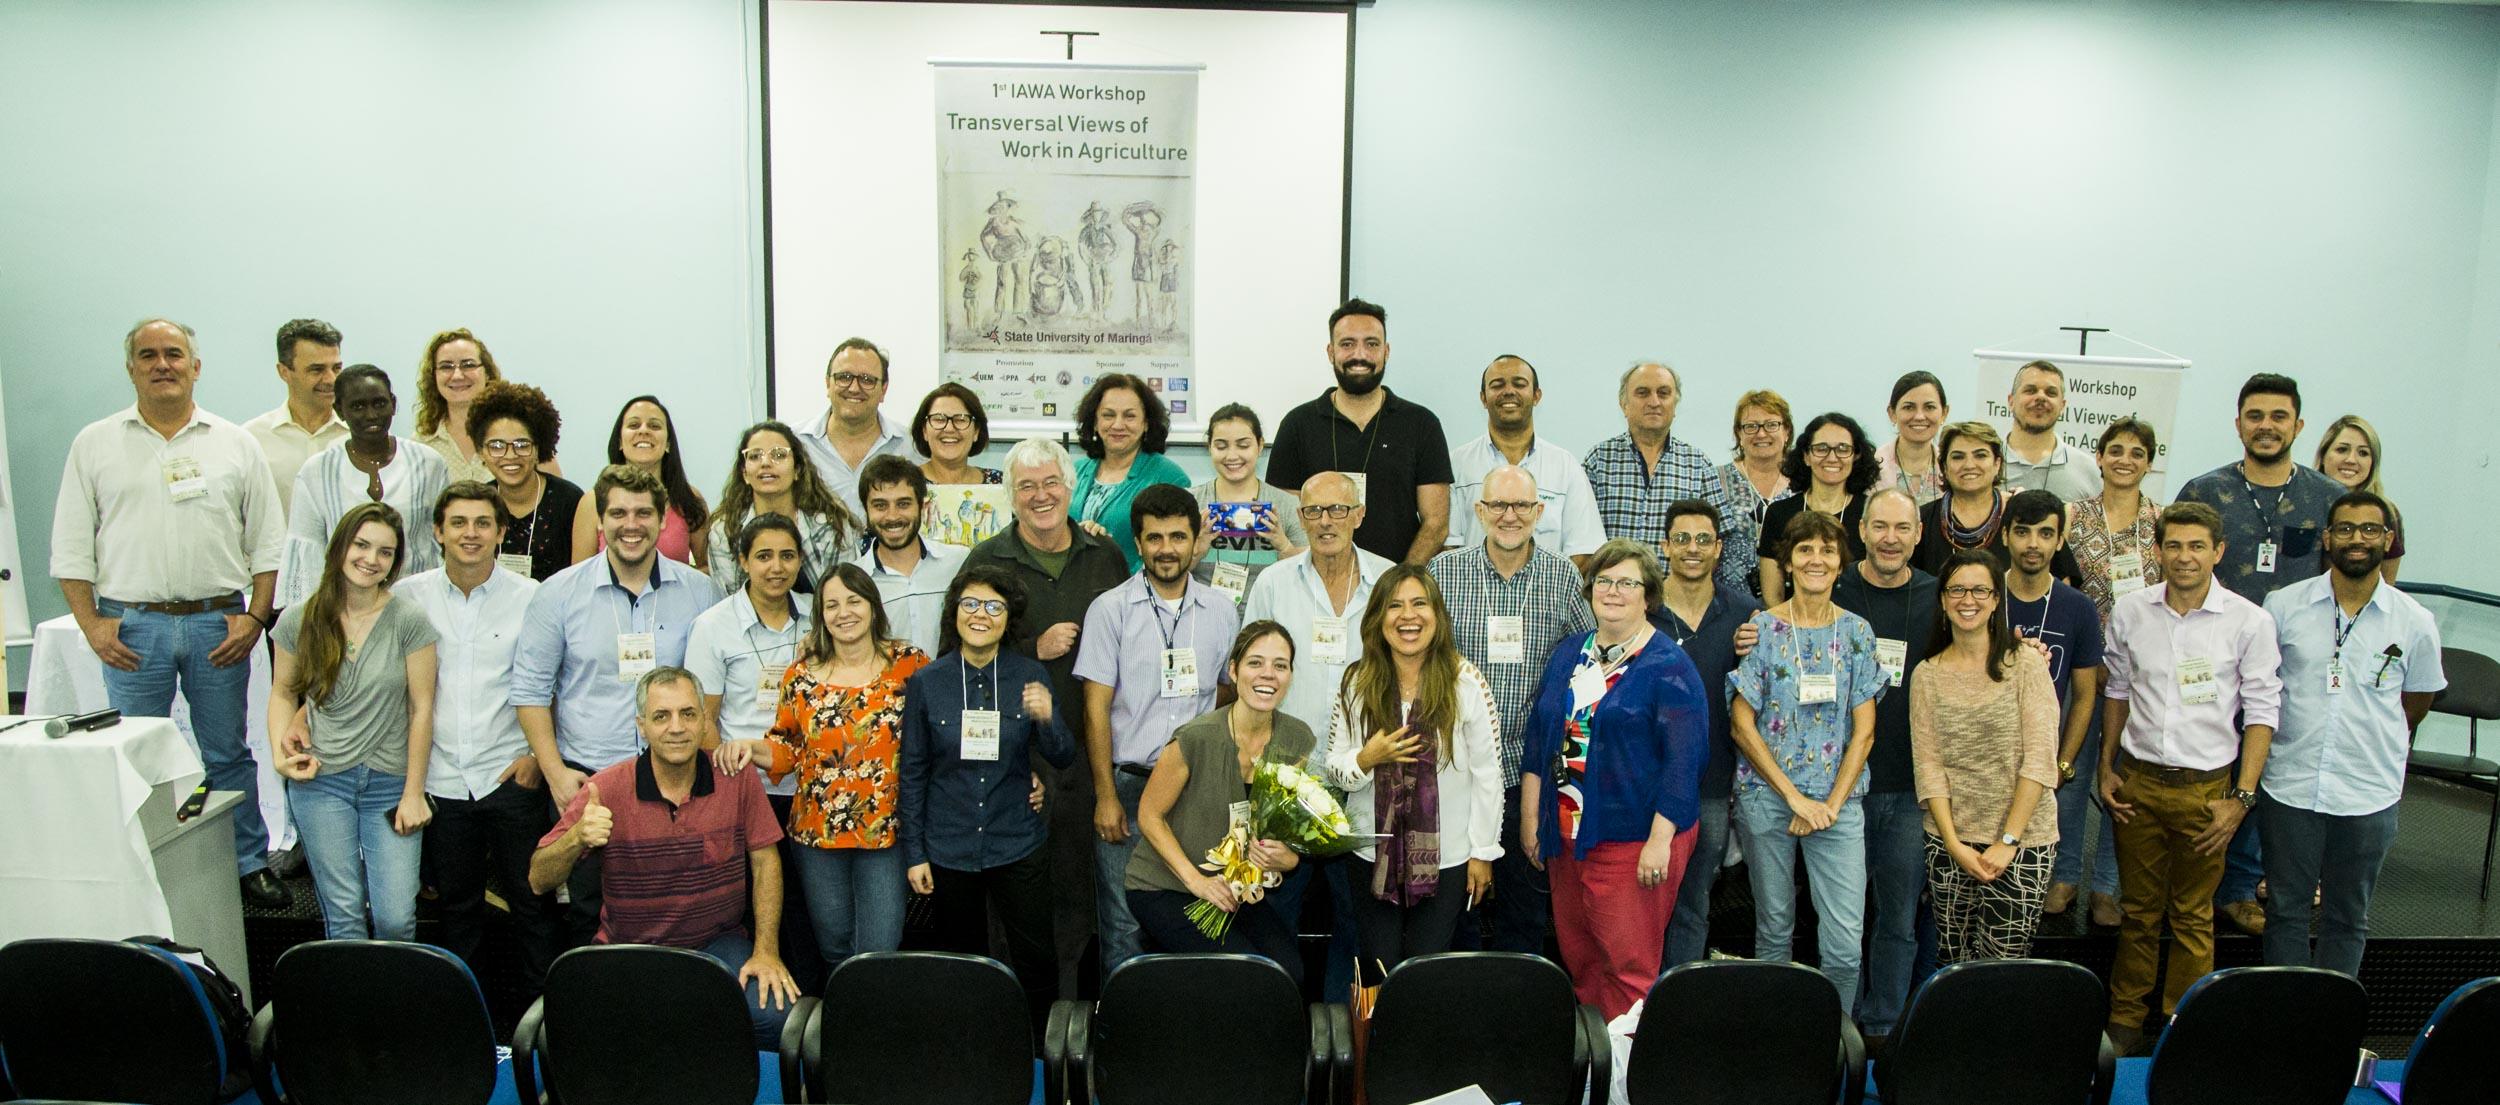 2018 11 12 Workshop Visoes Transversais Sobre o Trabalho na Agricultira MG 2046